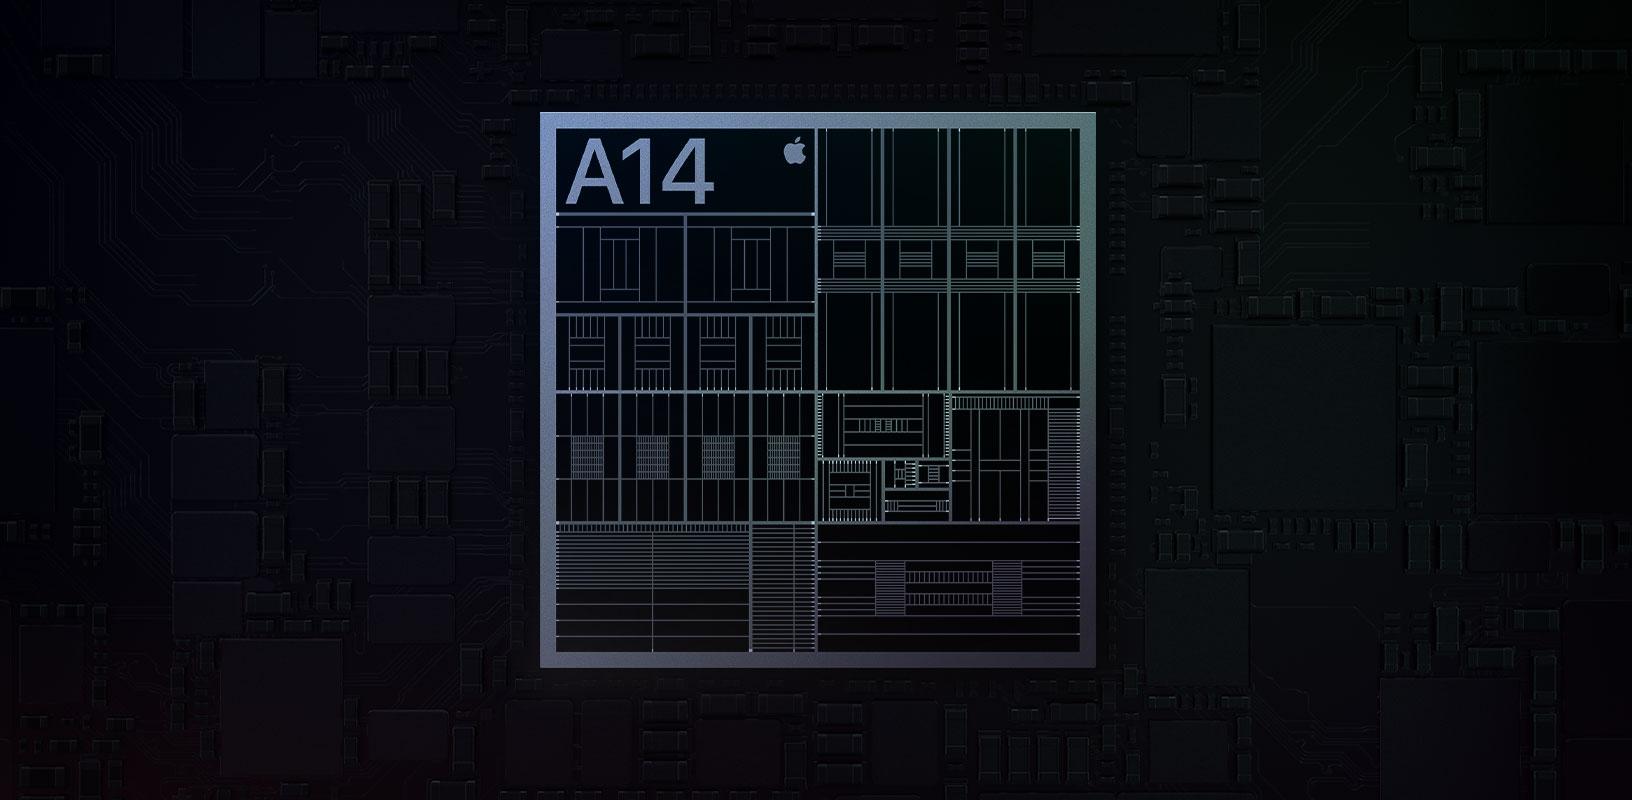 В этом году iPhone Pro версии получил самый производительный процессор из когда-либо установленных в смартфоне – Apple A14 Bionic. Это значит что устройство будет долгое время работать без подтвормаживаний и запускать любые игры и приложения с молниеностной скоростью, что жизнь аккумуляторной батареи увеличится из-за эффективного использования ресурсов процессора а также поддержку множества новых фирменных функций.